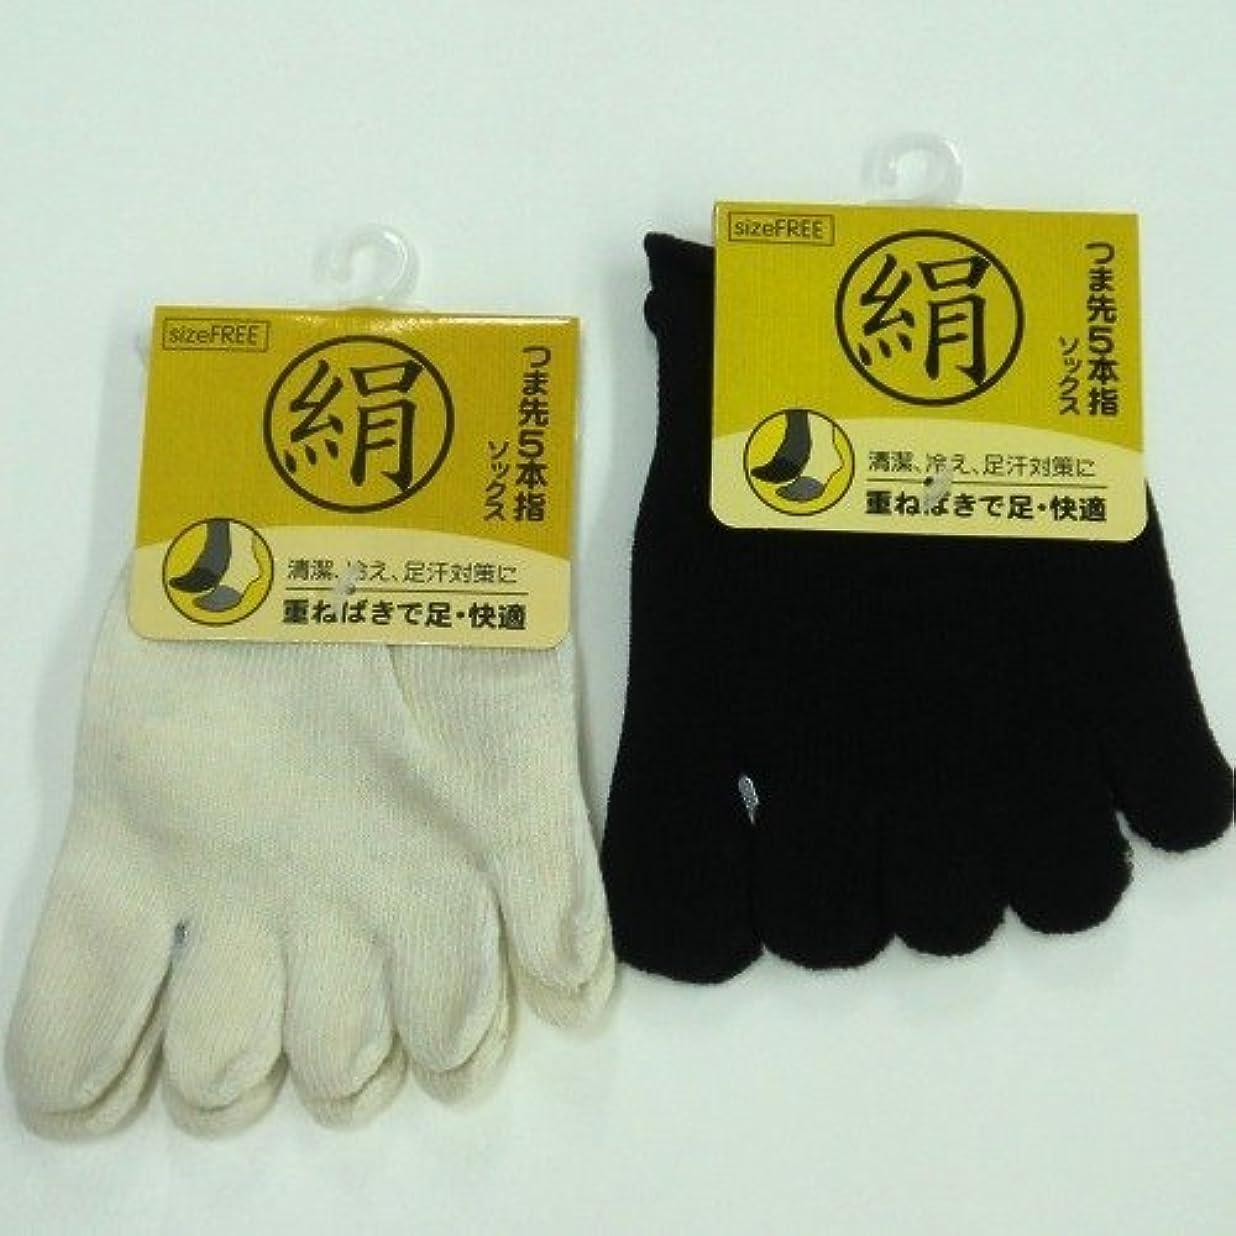 文字組み立てるあたたかいシルク 5本指ハーフソックス 足指カバー 天然素材絹で抗菌防臭 3足組 (色はお任せ)